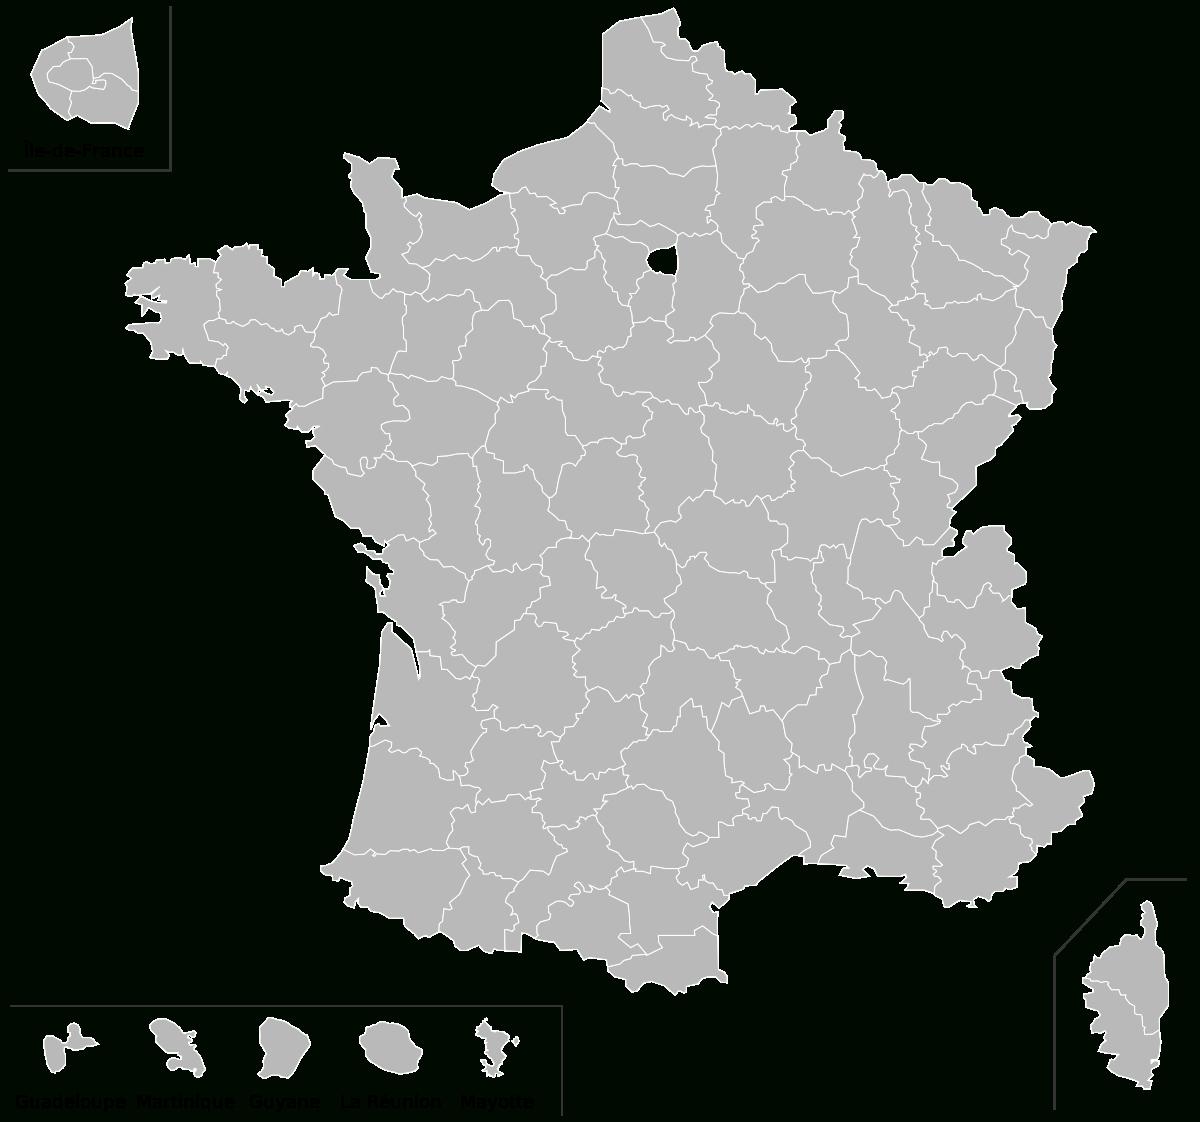 File:carte Vierge Départements Français Avec Dom.svg destiné Carte Ile De France Vierge